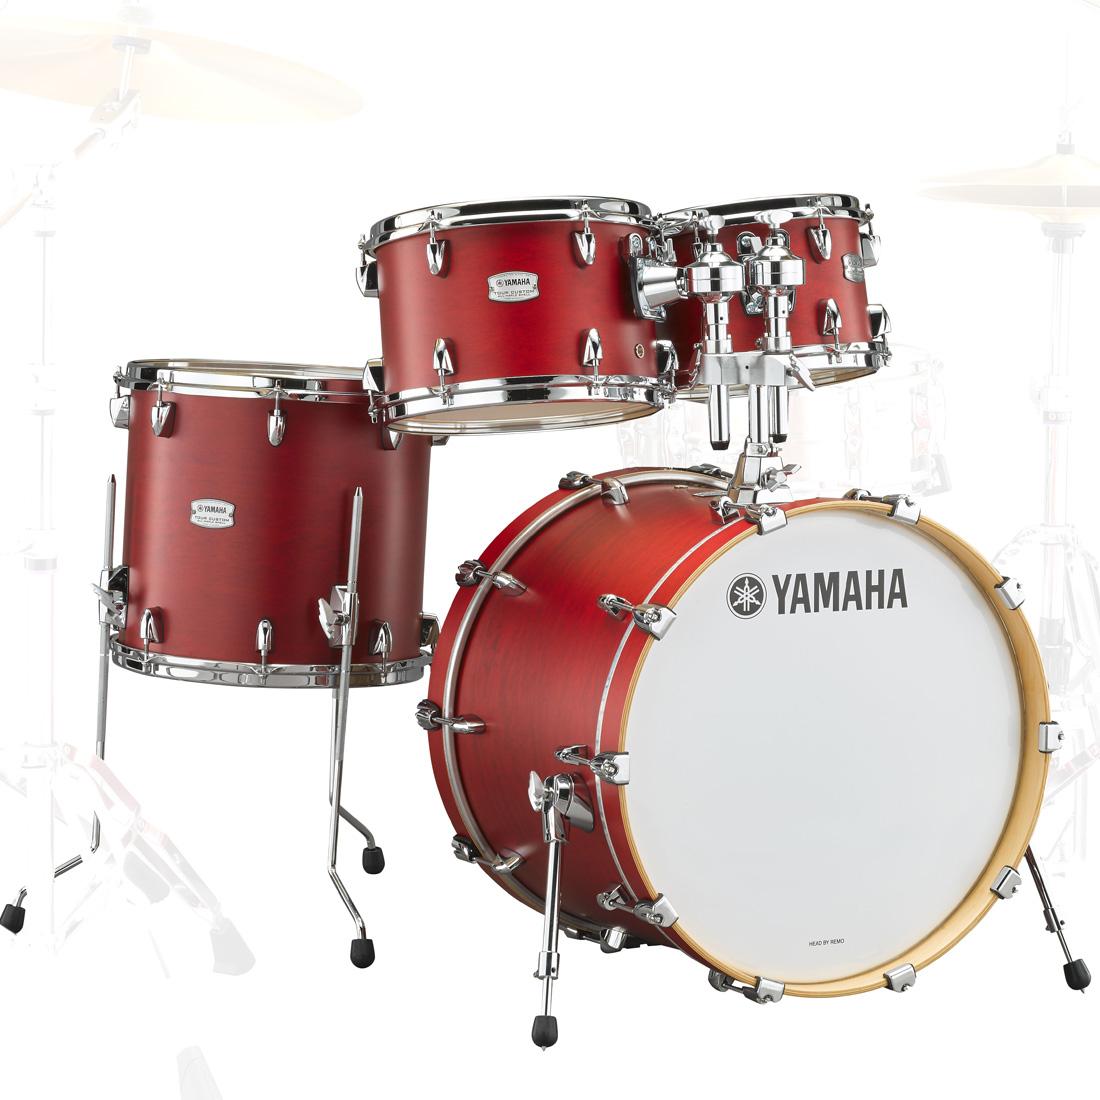 YAMAHA / TMP0F4CAS ヤマハ Tour Custom ドラムシェルパック 20BD キャンディアップルサテン【お取り寄せ商品】